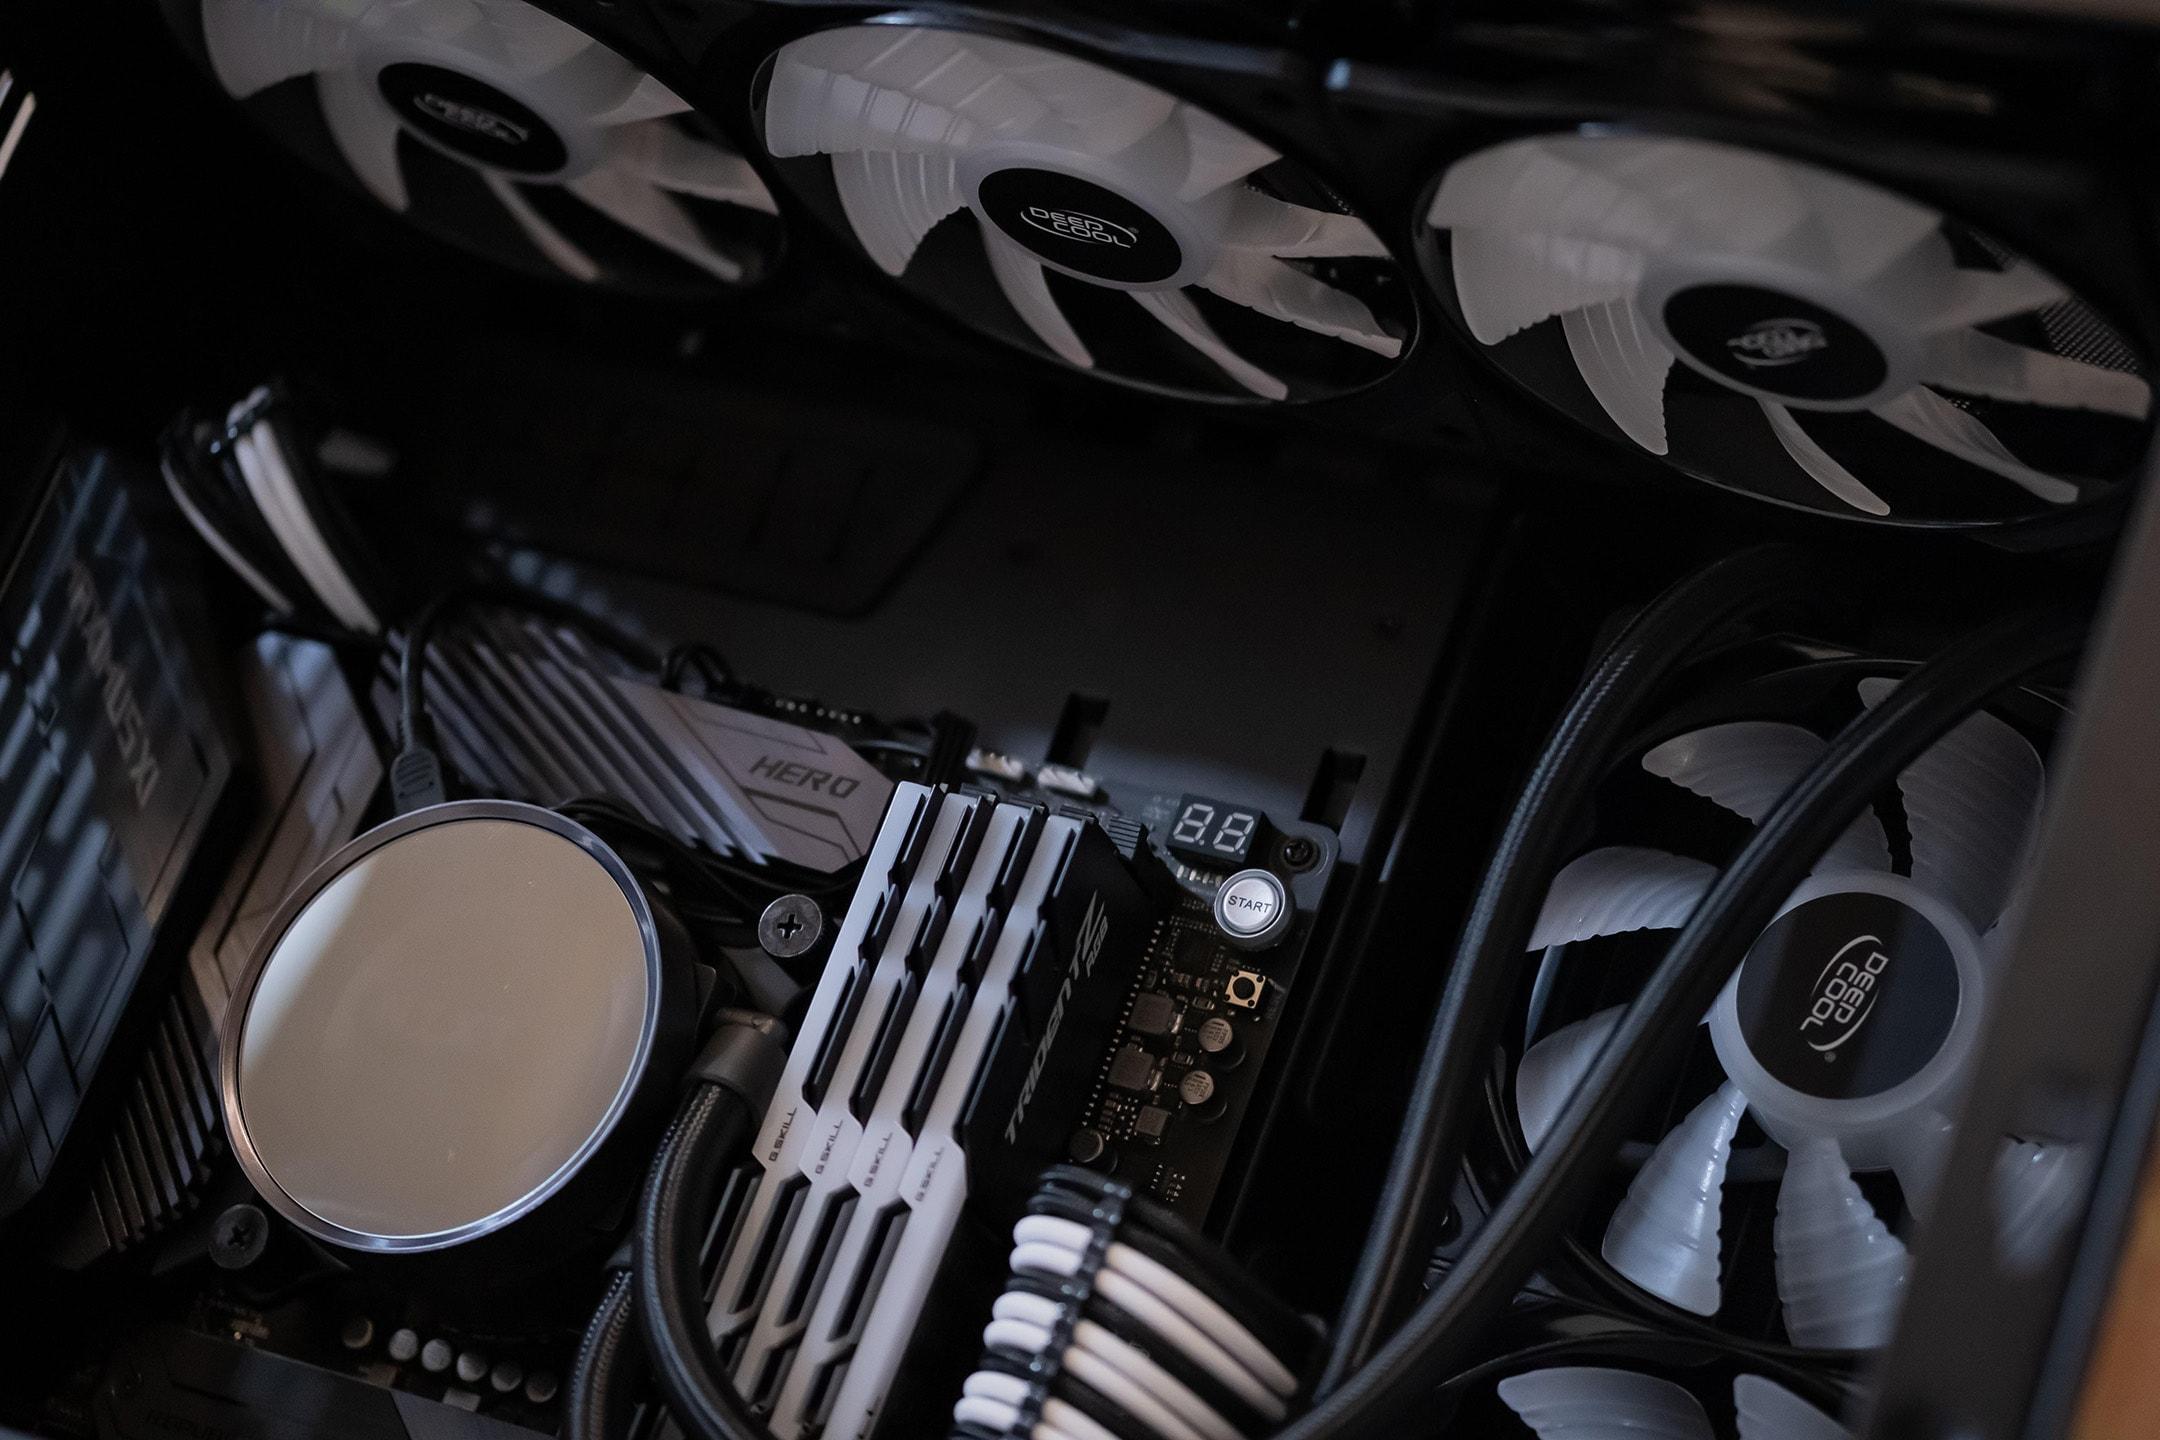 CPU AIO Liquid cooler example